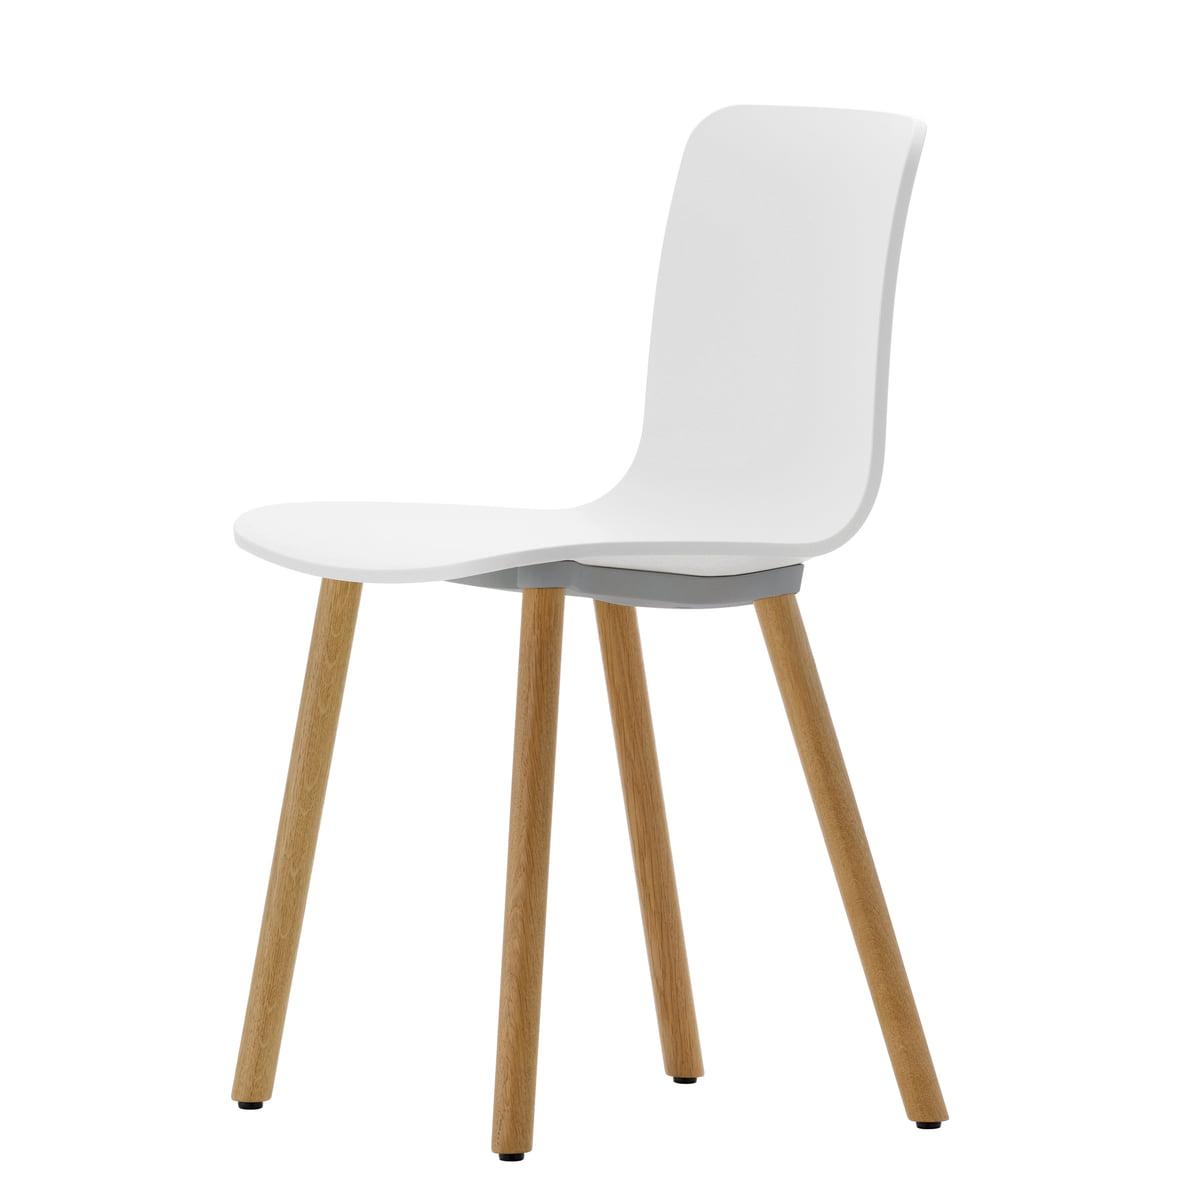 Vitra - Hal Wood Stuhl, weiß / Eiche hell / Kunststoffgleiter | Küche und Esszimmer > Stühle und Hocker > Holzstühle | Weiß | Vitra